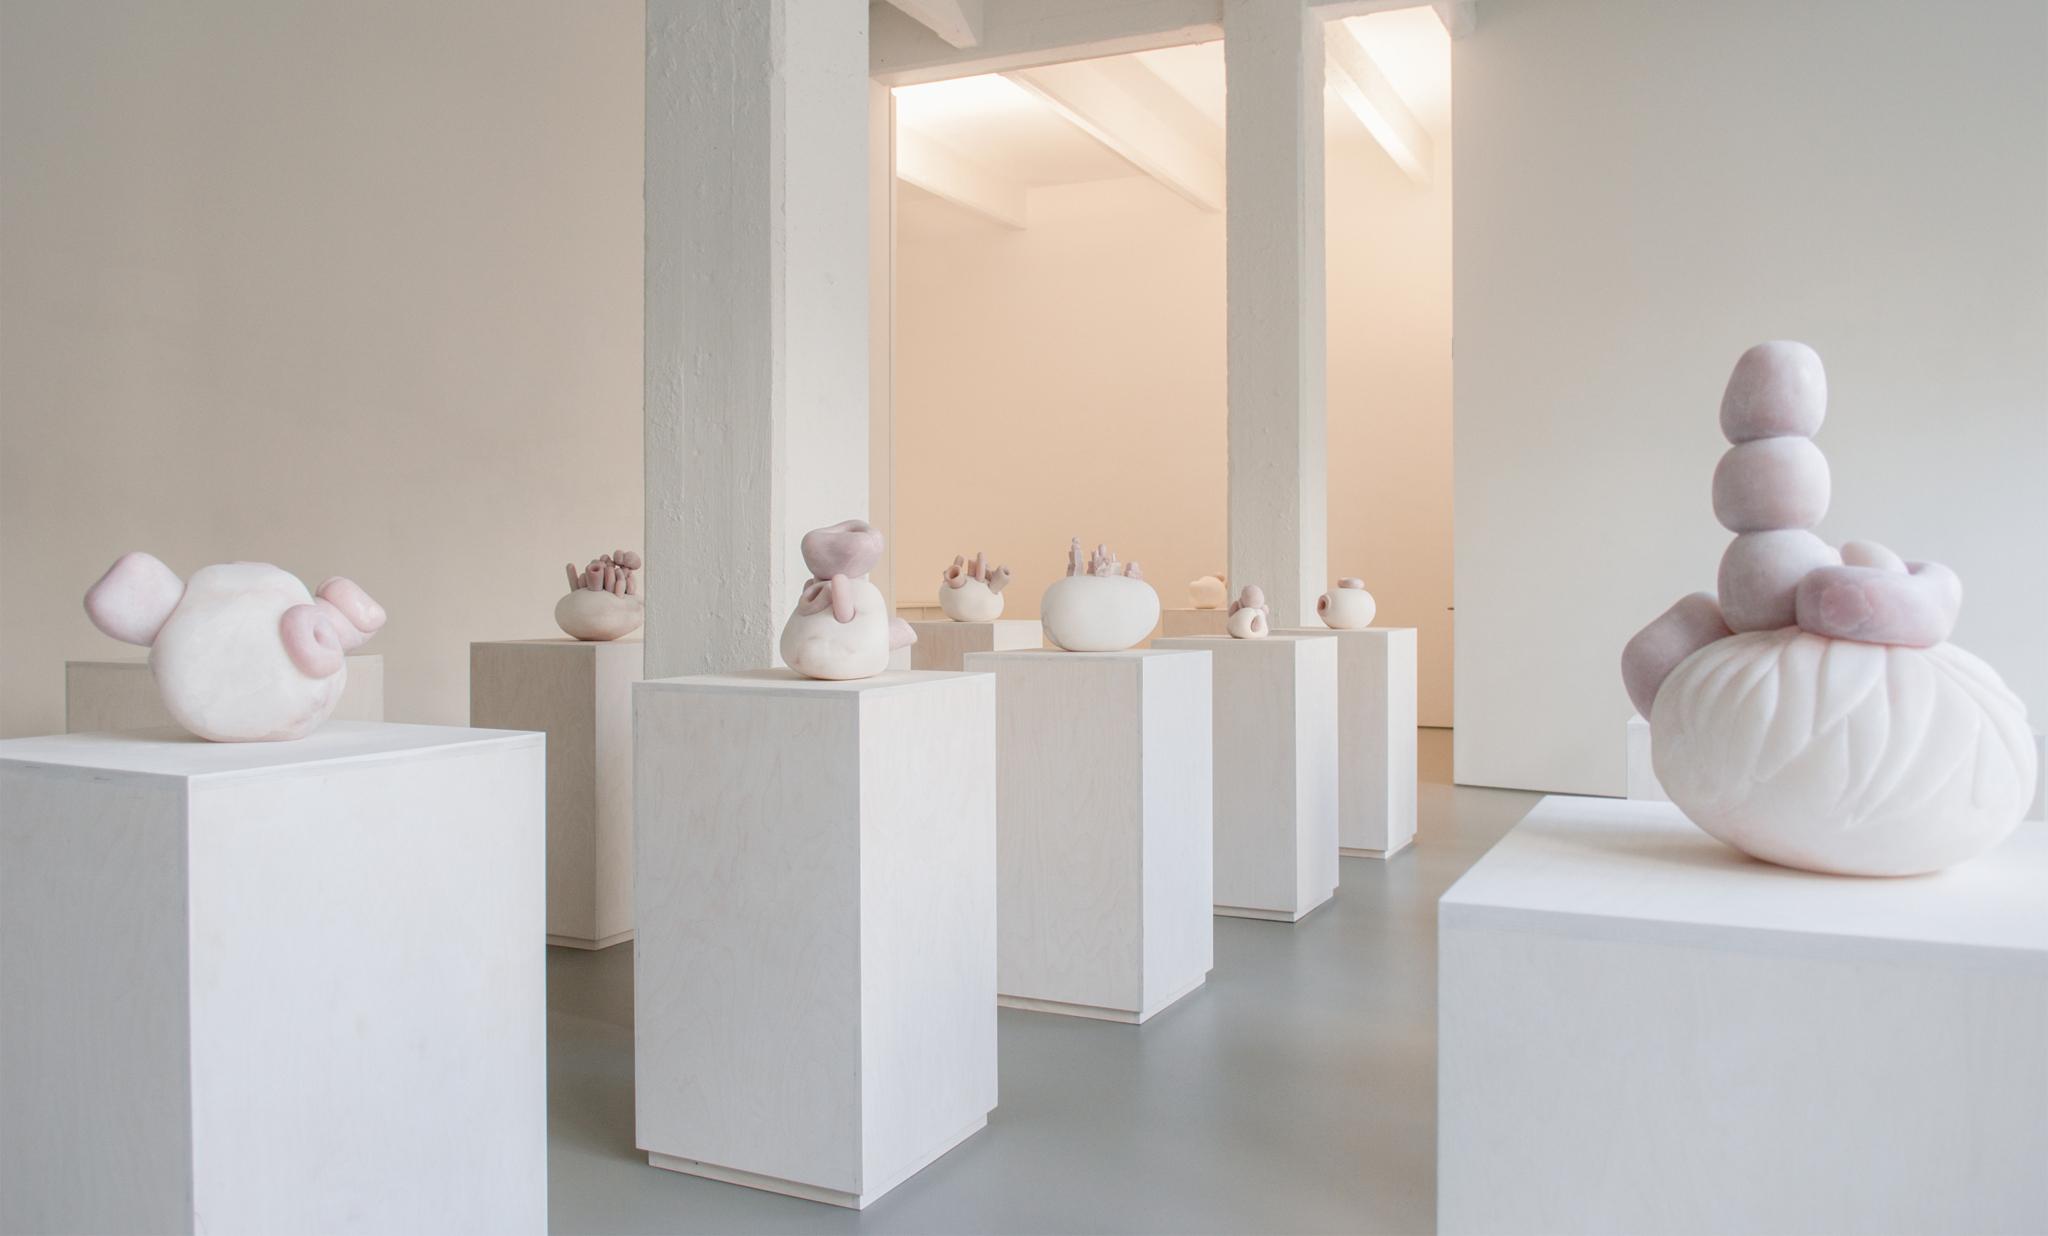 Hans-Hovy-Galerie-Onrust-EX-sculptissimo_2014-01.jpg